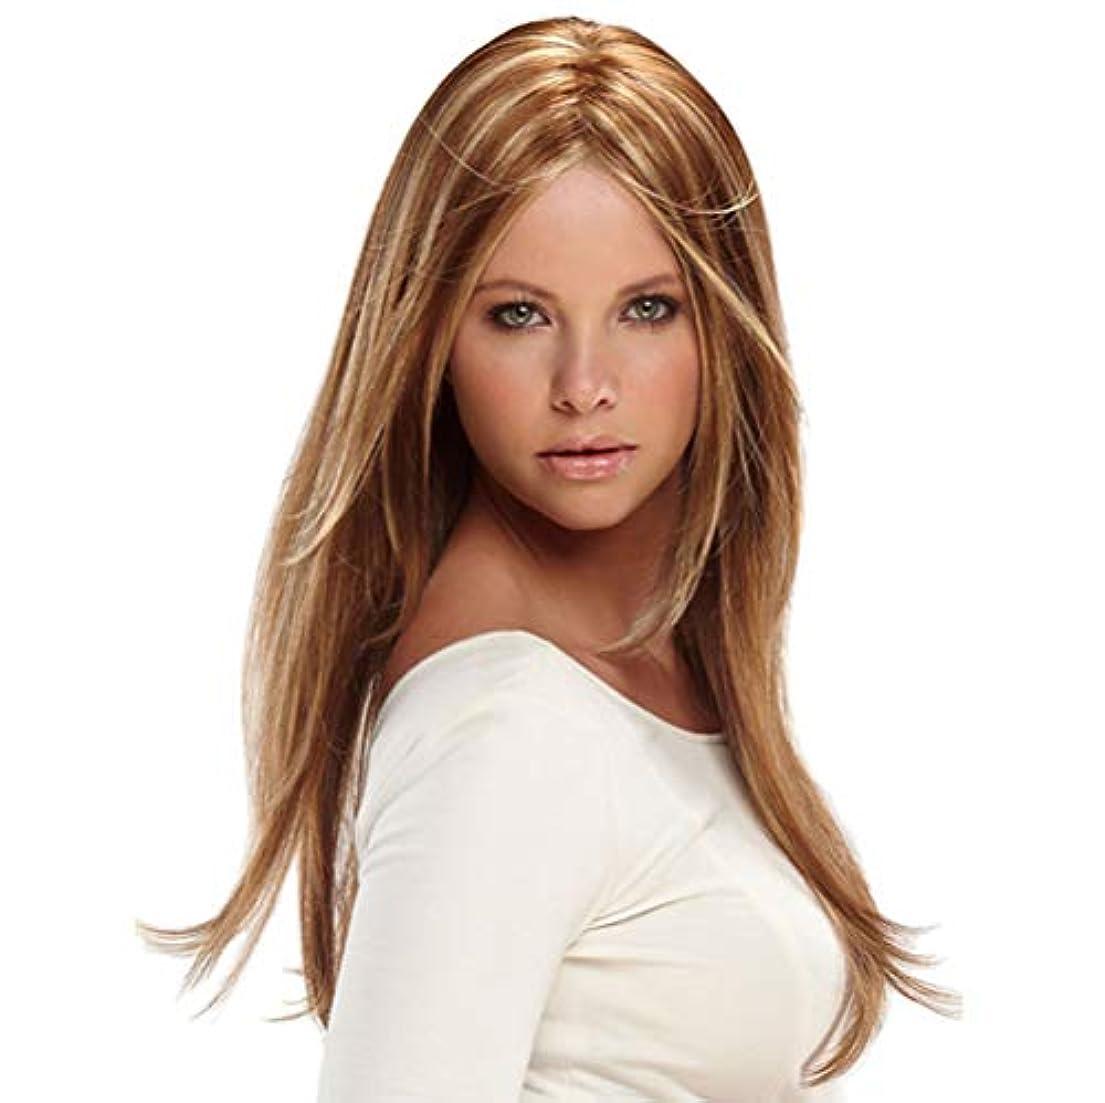 常習者絶望的な会社ブロンドのボブ60 cmのための自然なヘアライン実体波前頭毛髪のかつらで女性の合成ロングウィッグ